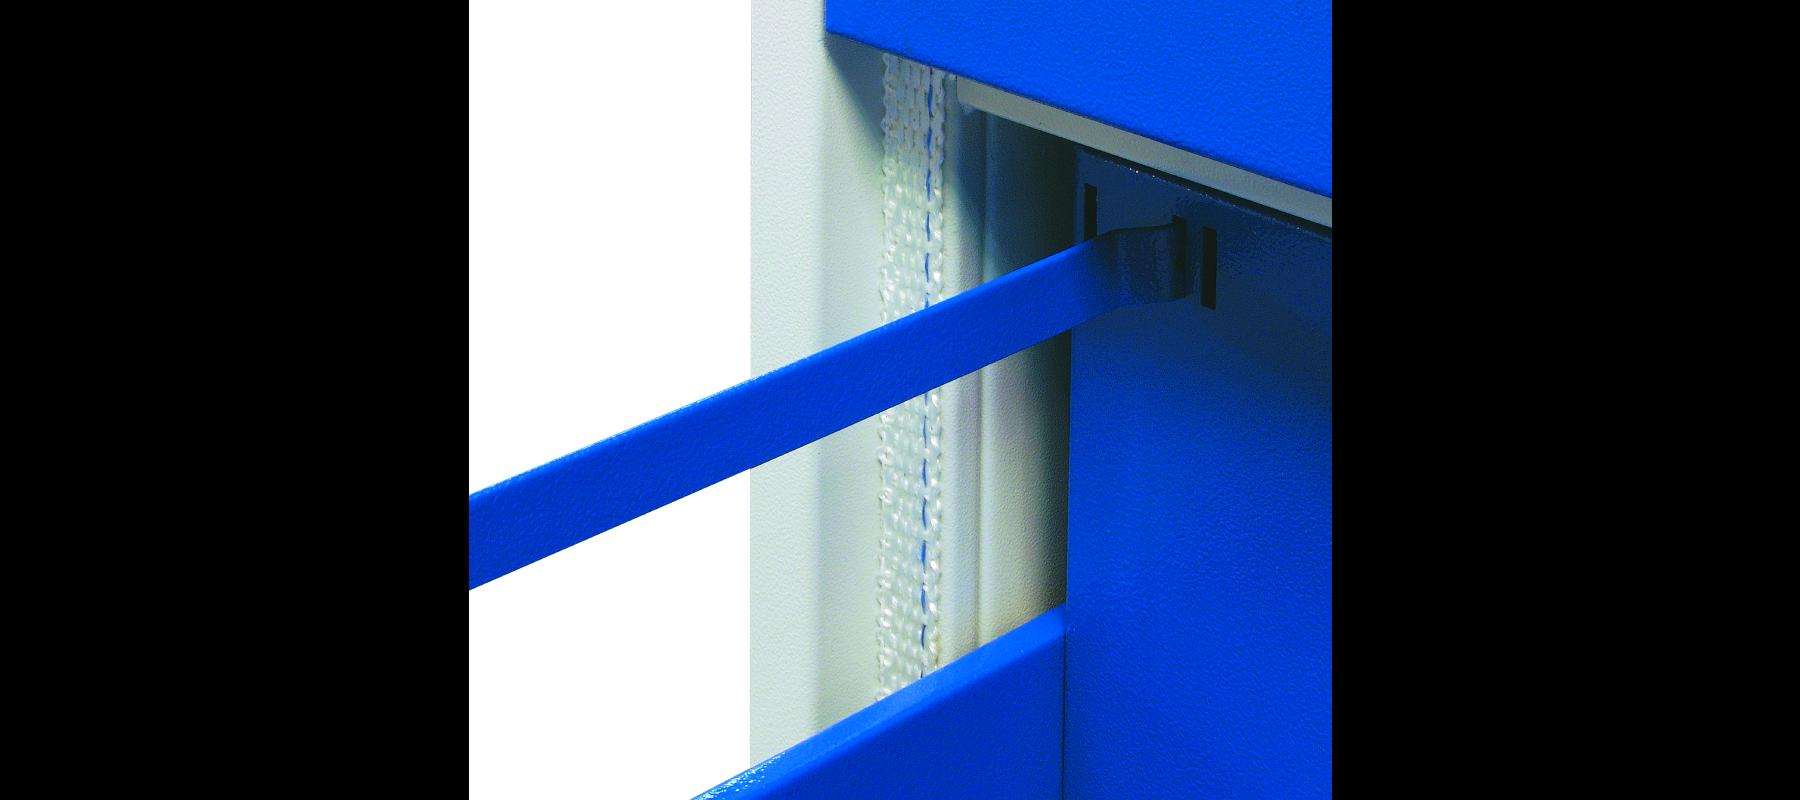 meble metalowe metalowe meble biurowe szafy szufladowe mw detale - 04